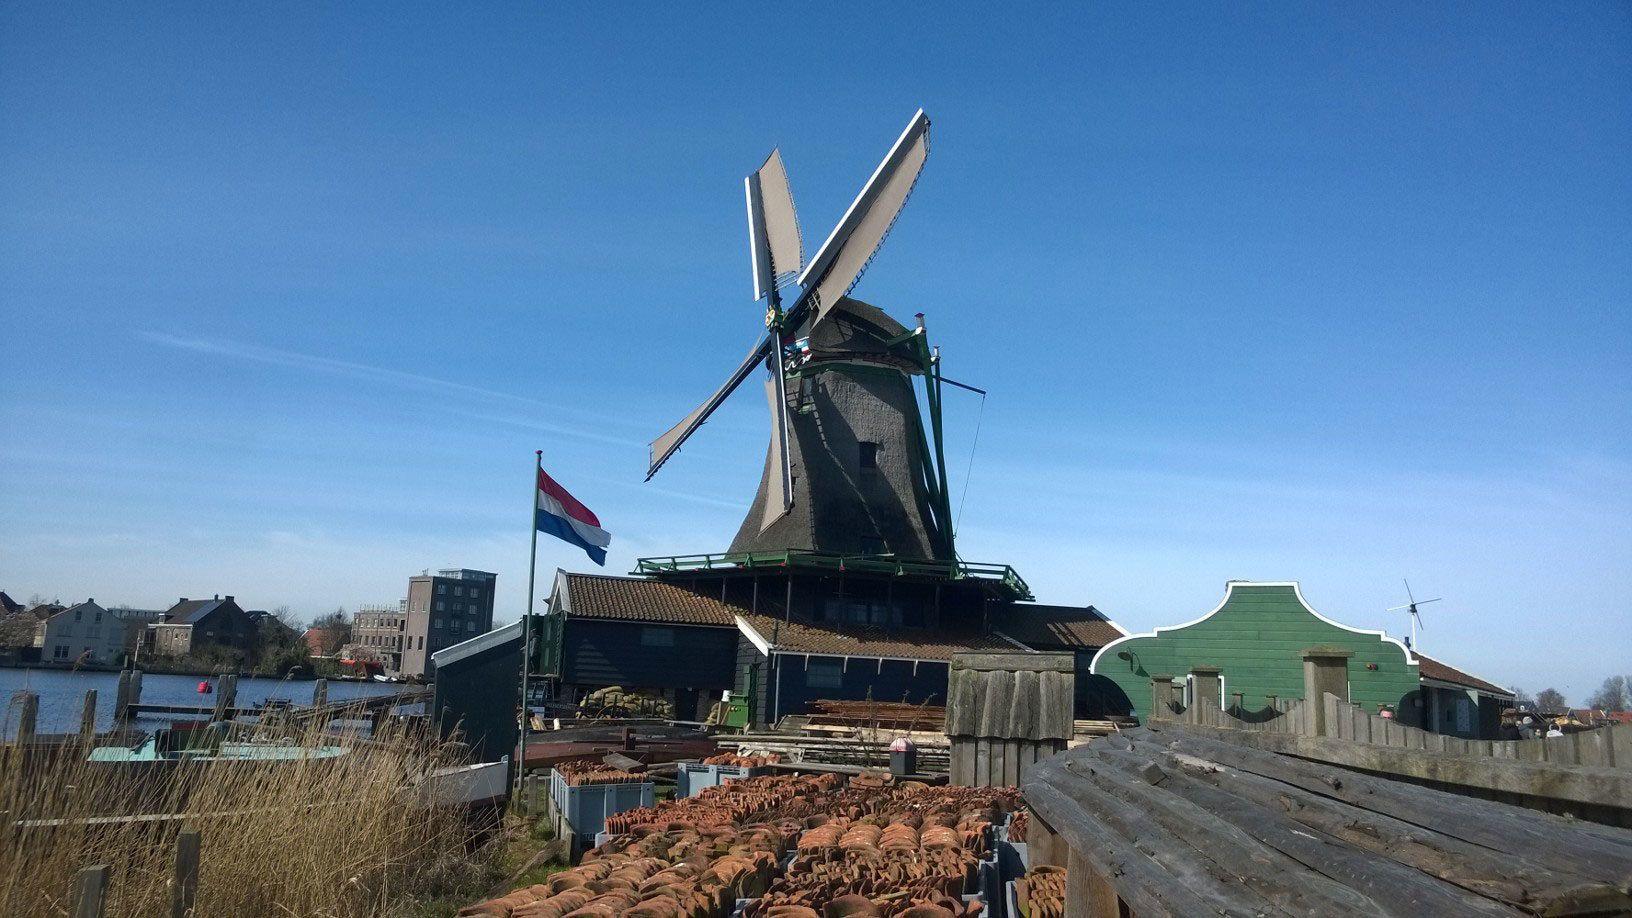 Windmill in Zaanse Shans